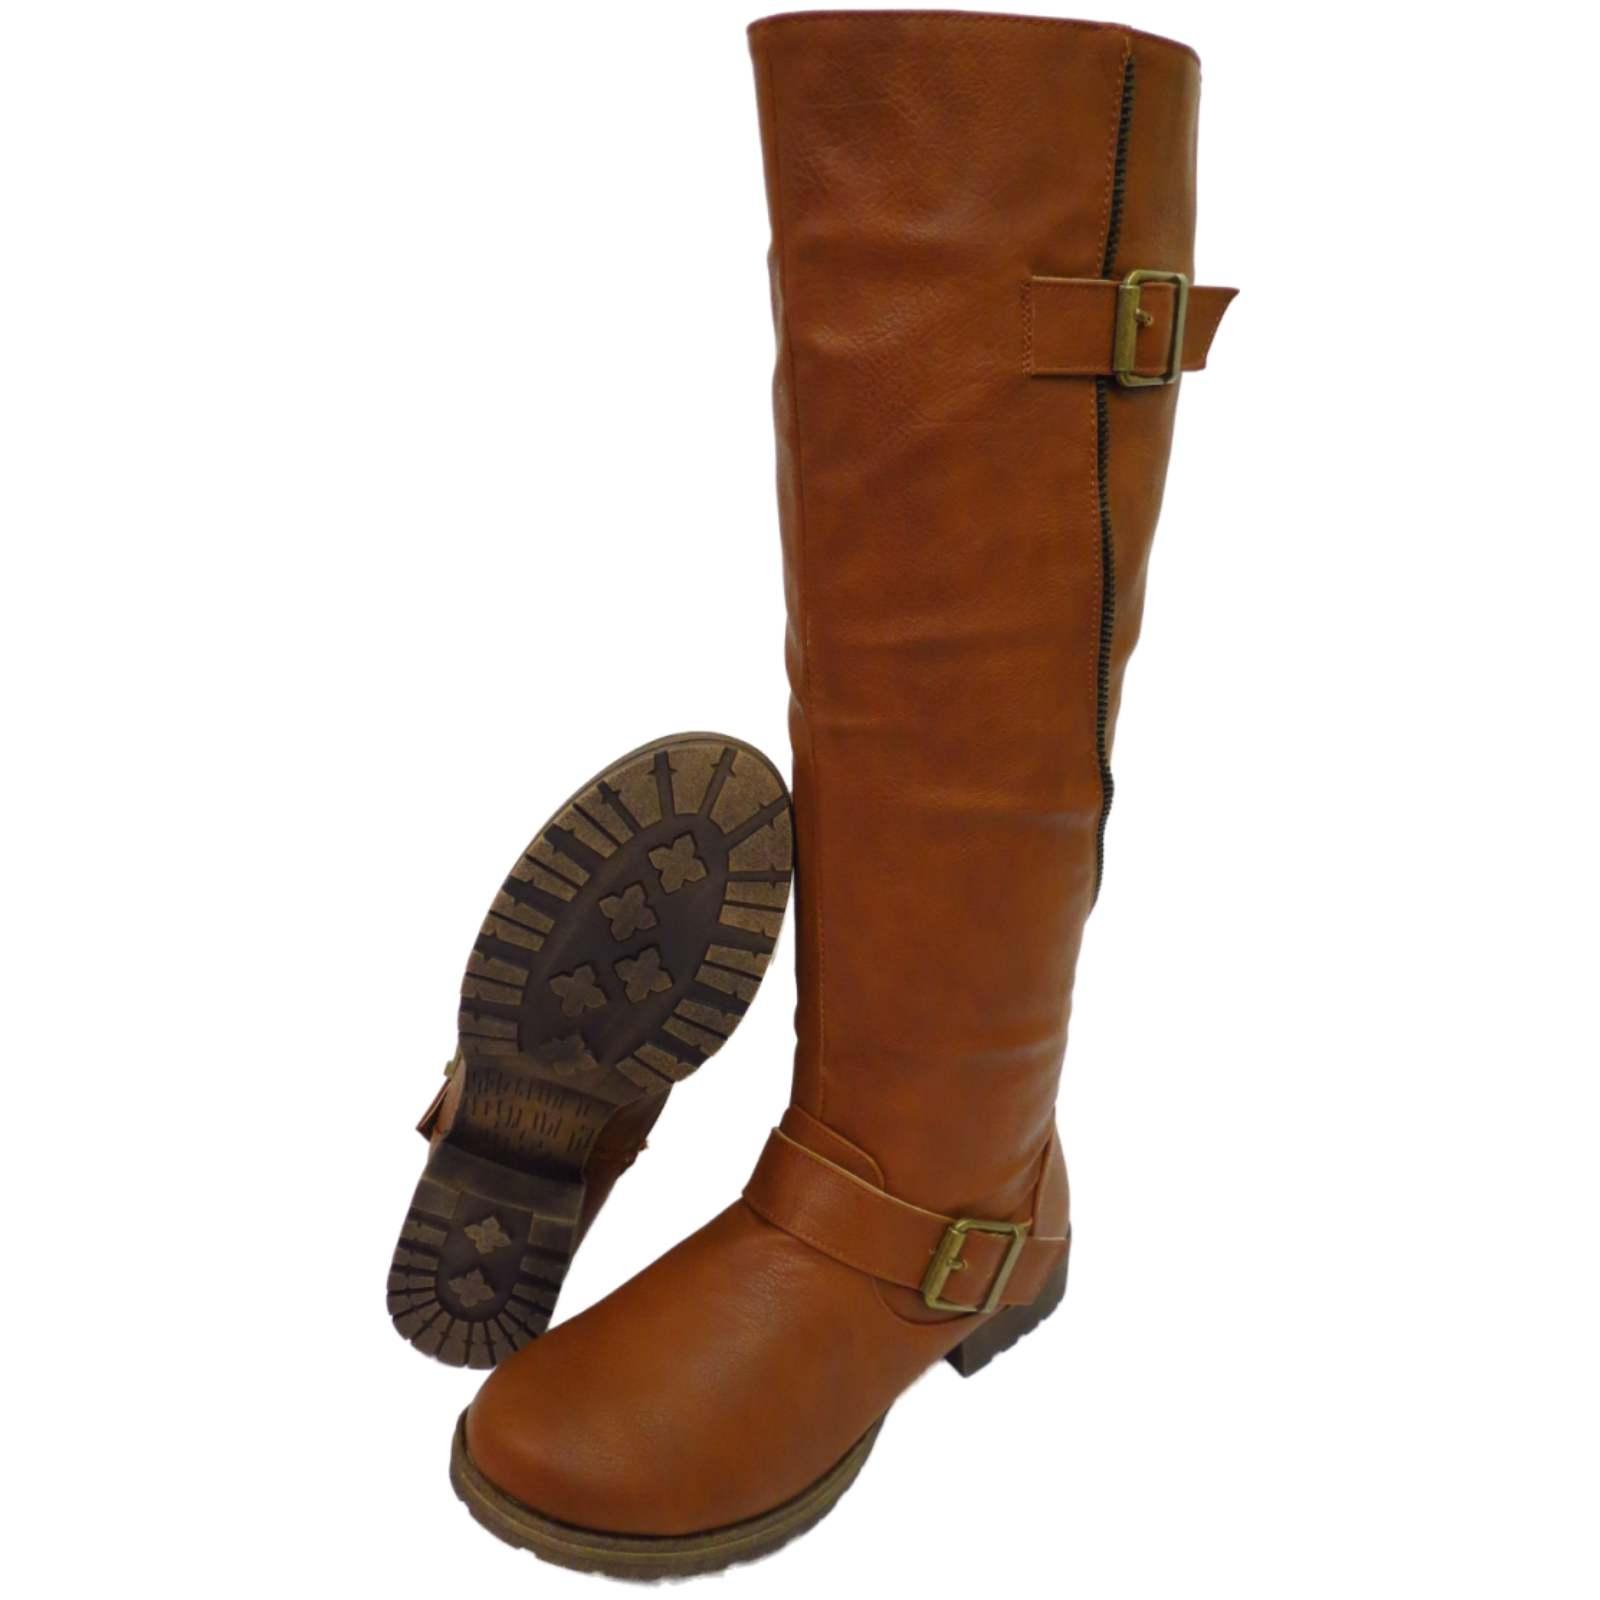 brown knee high low heel zip up calf winter